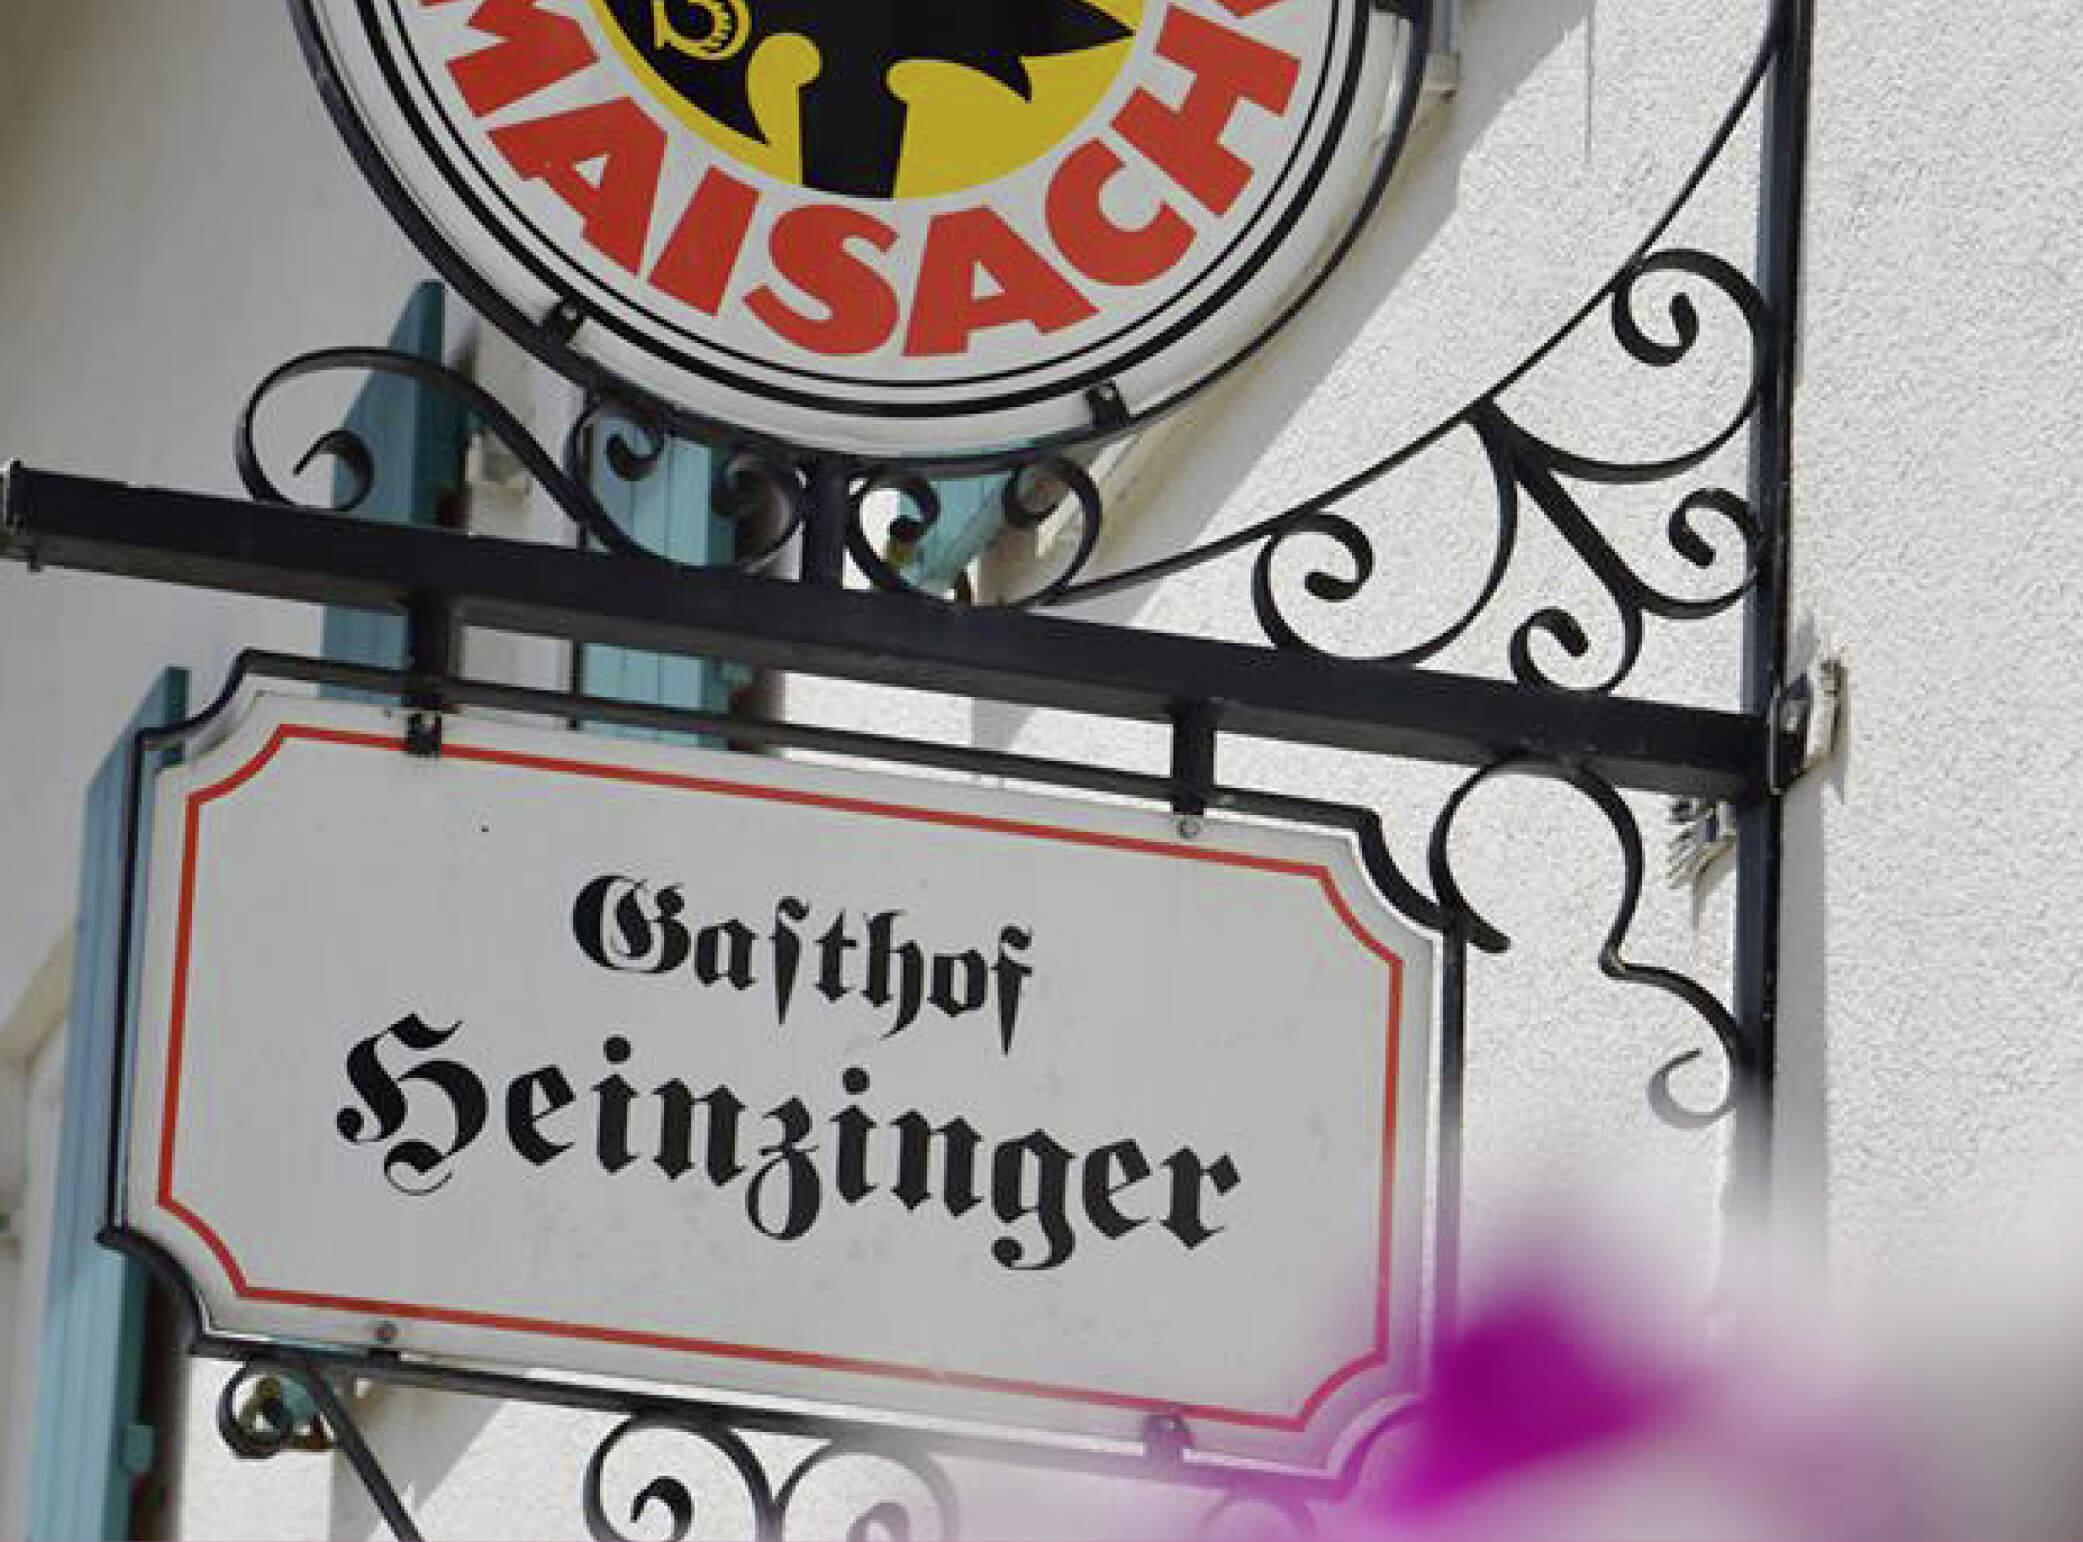 Gasthof Heinzinger Rottbach